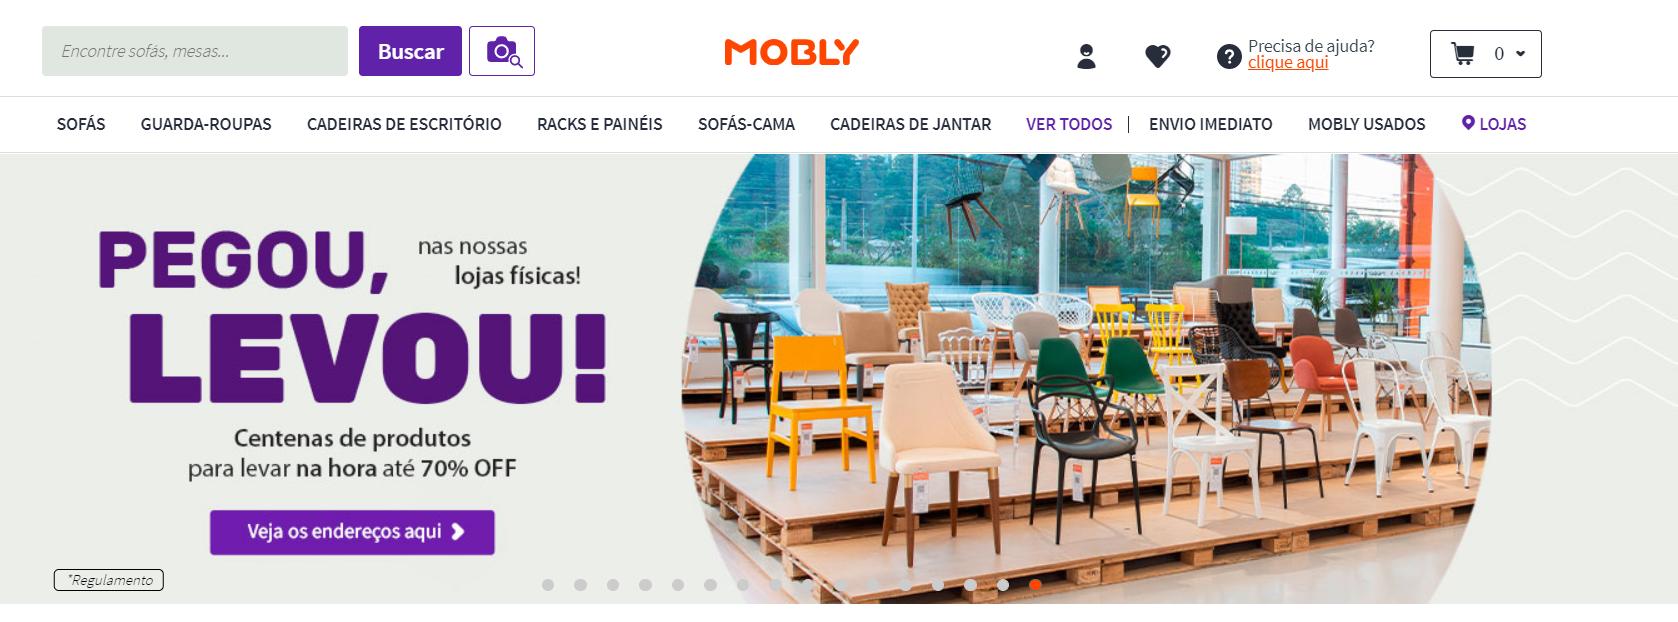 mobly 7